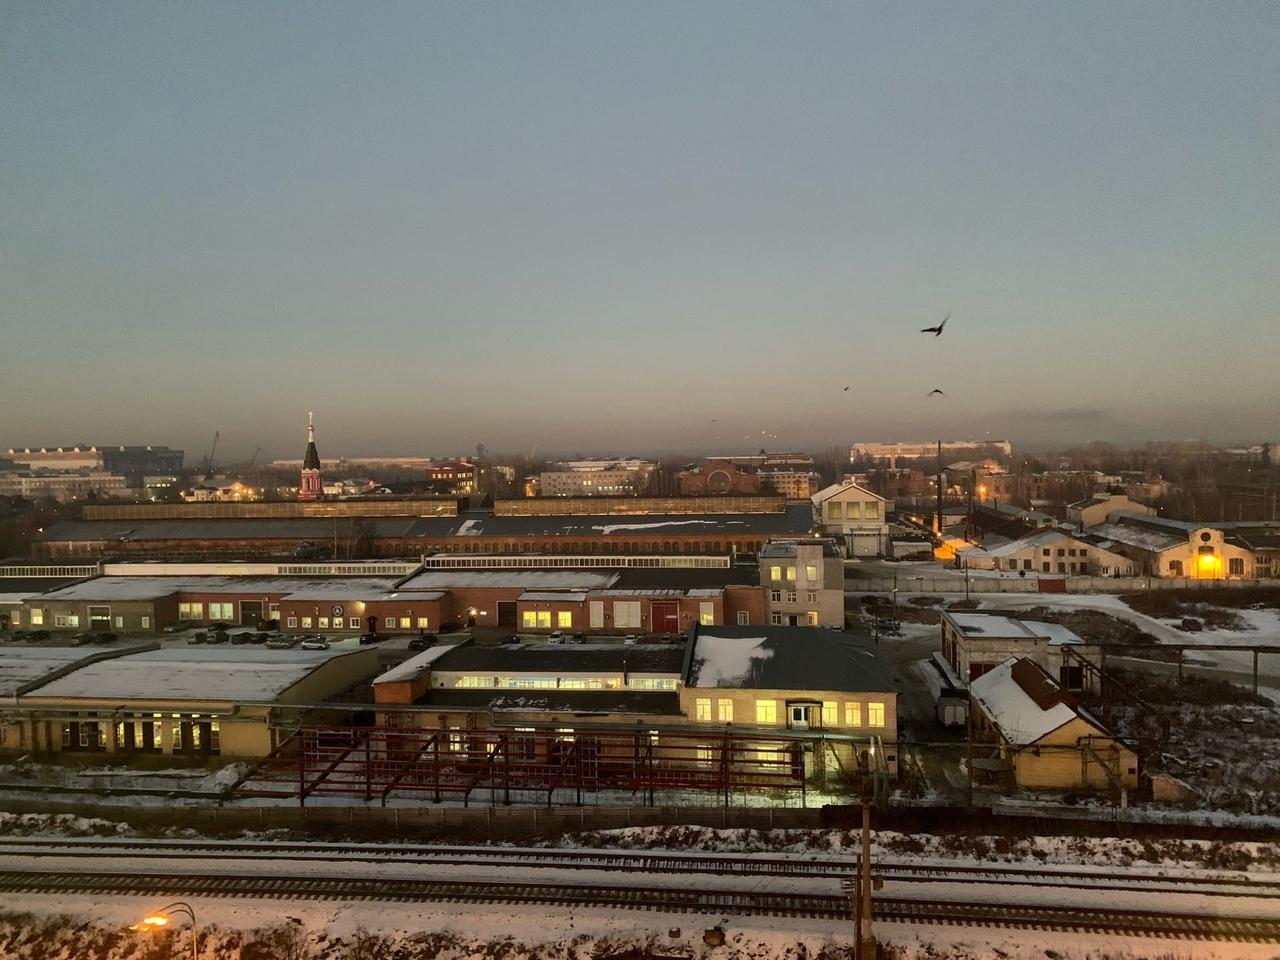 Завод «Красное Сормово» продолжает свою работу и по сей день. Сейчас он полностью переквалифицирован под производство гражданских судов